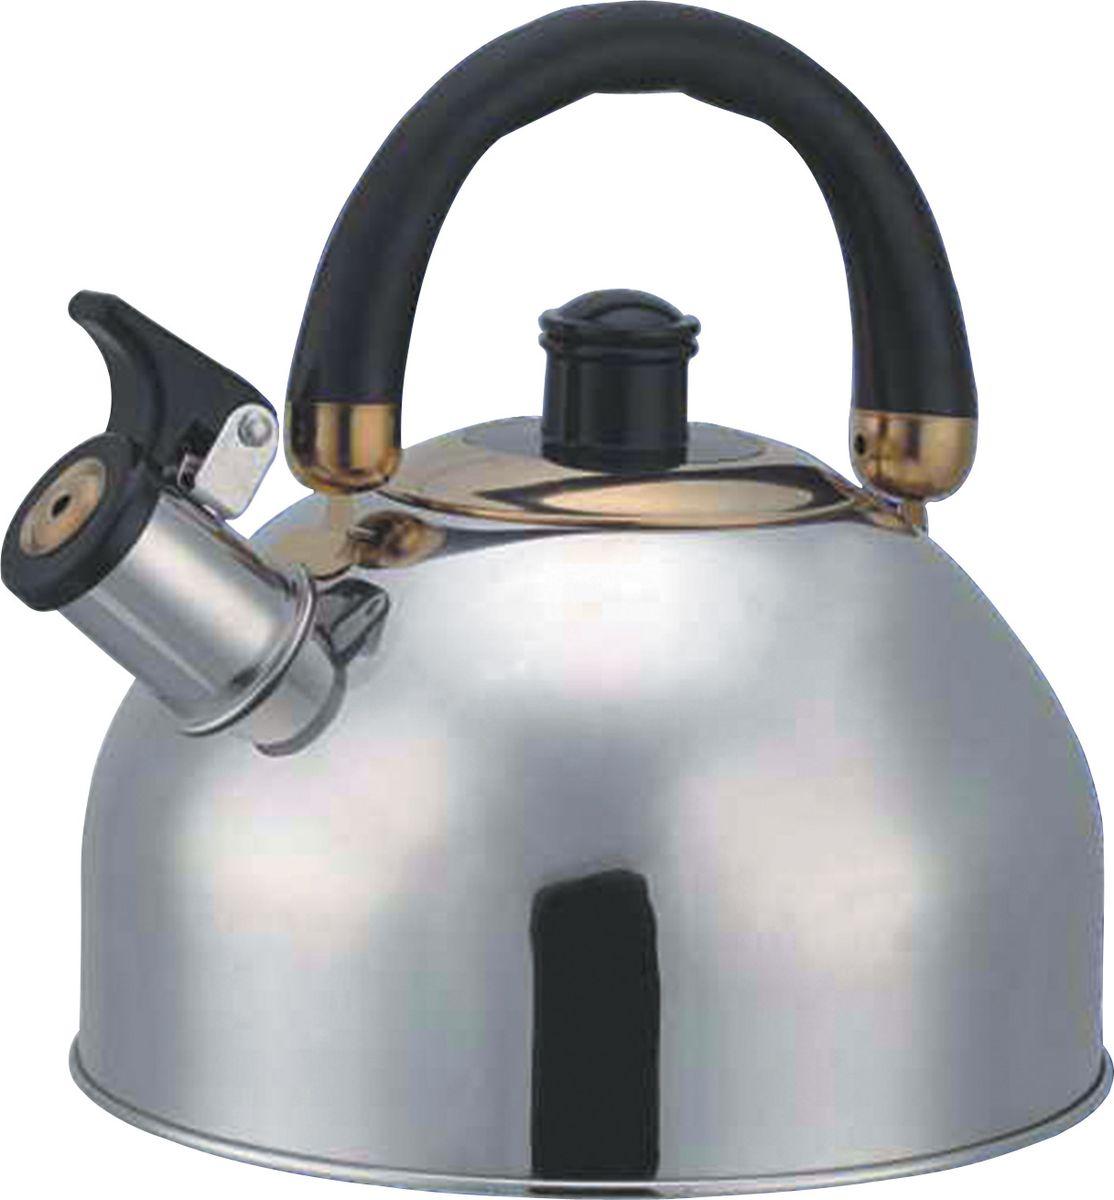 Bohmann чайник BHL-625 BK, 2,5л,625BHLBKЧайник Емкость 2,5лКорпус - Нержавеющая сталь. Двигающаяся бакелитовая ручка. Подходит к газовым, электрическим, стеклокерамическим плитам. нержавеющая сталь, пластик